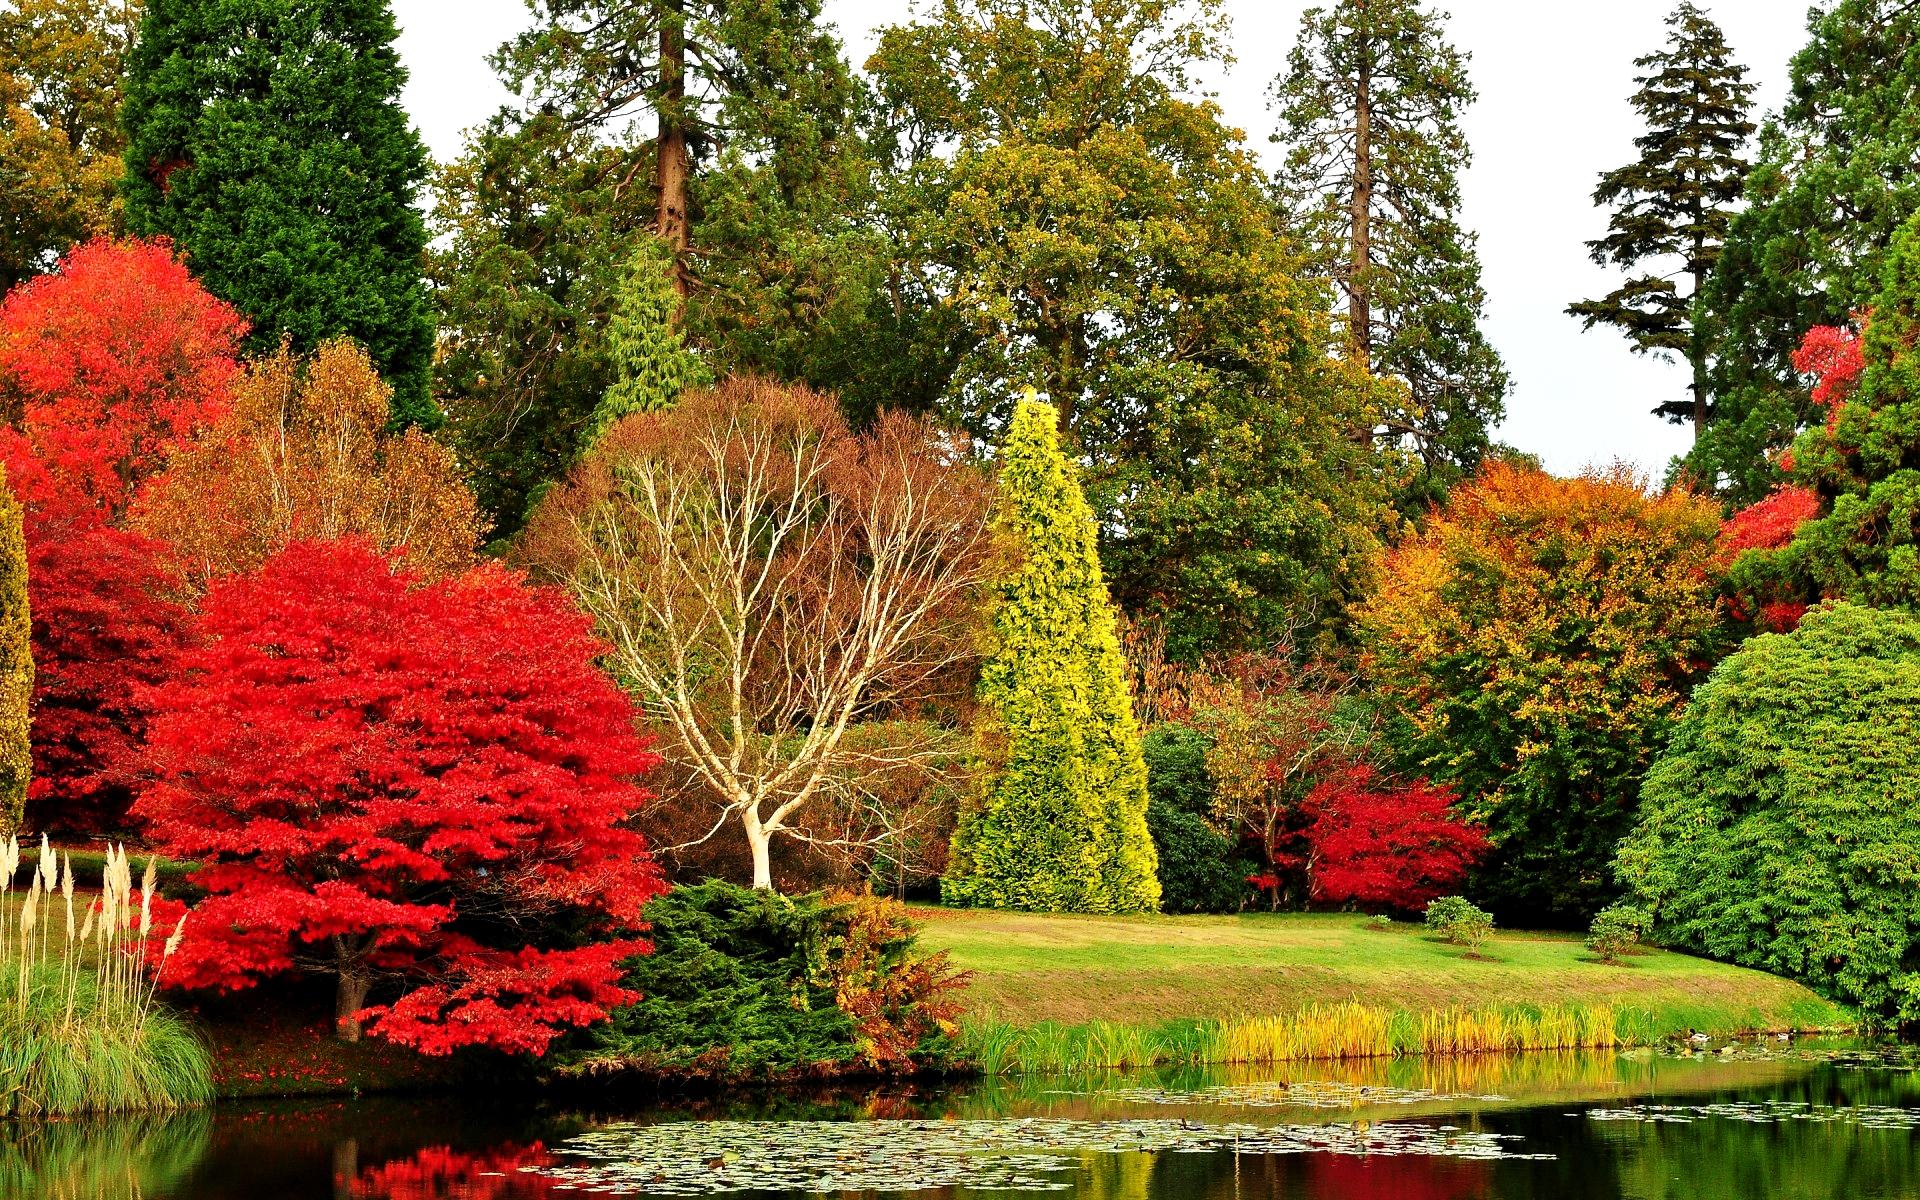 Картинка Осень в старом парке » Осень » Природа » Картинки ...